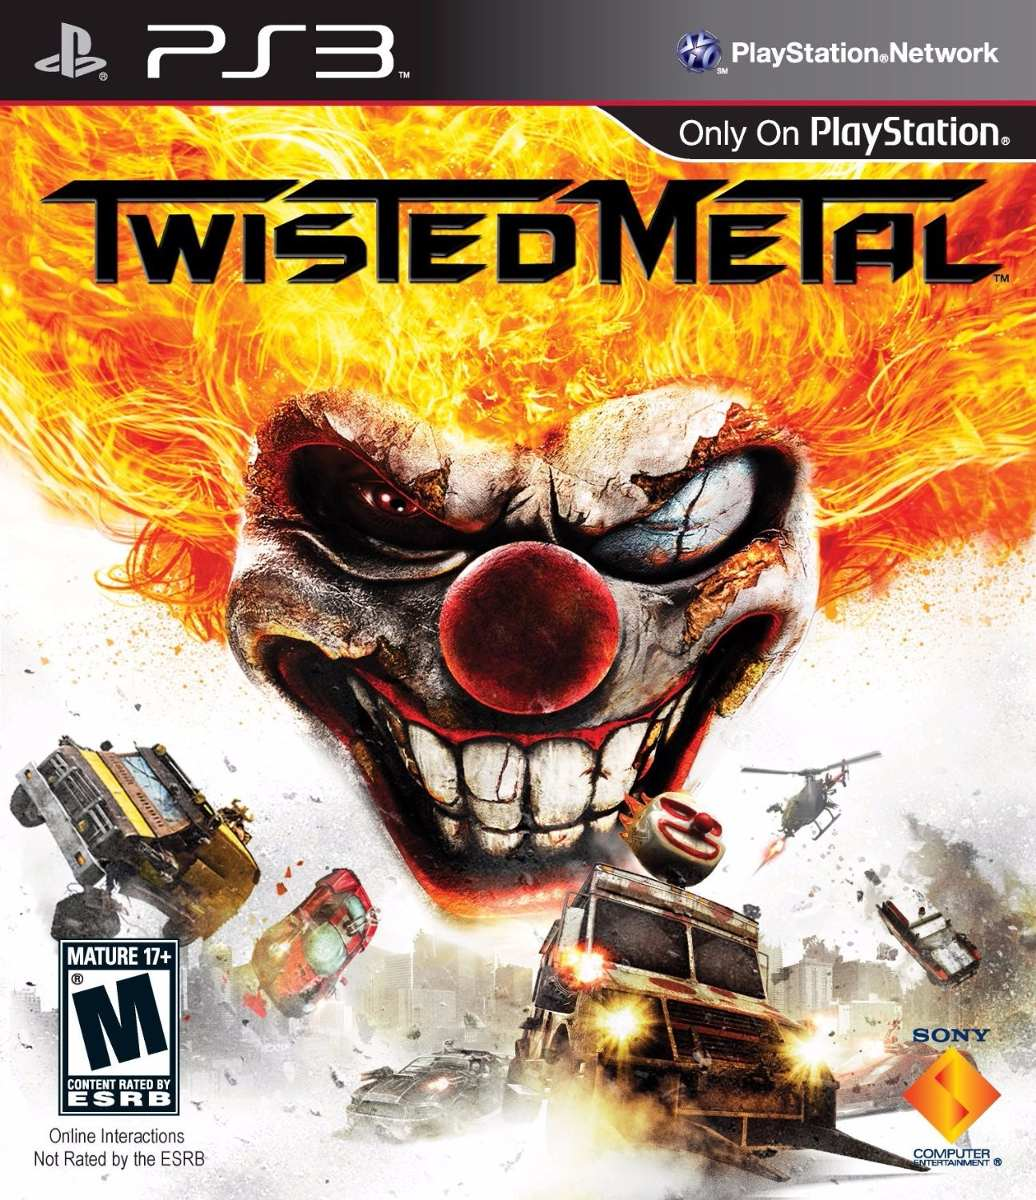 twisted metal ps3 juego digital en manvicio store!!!